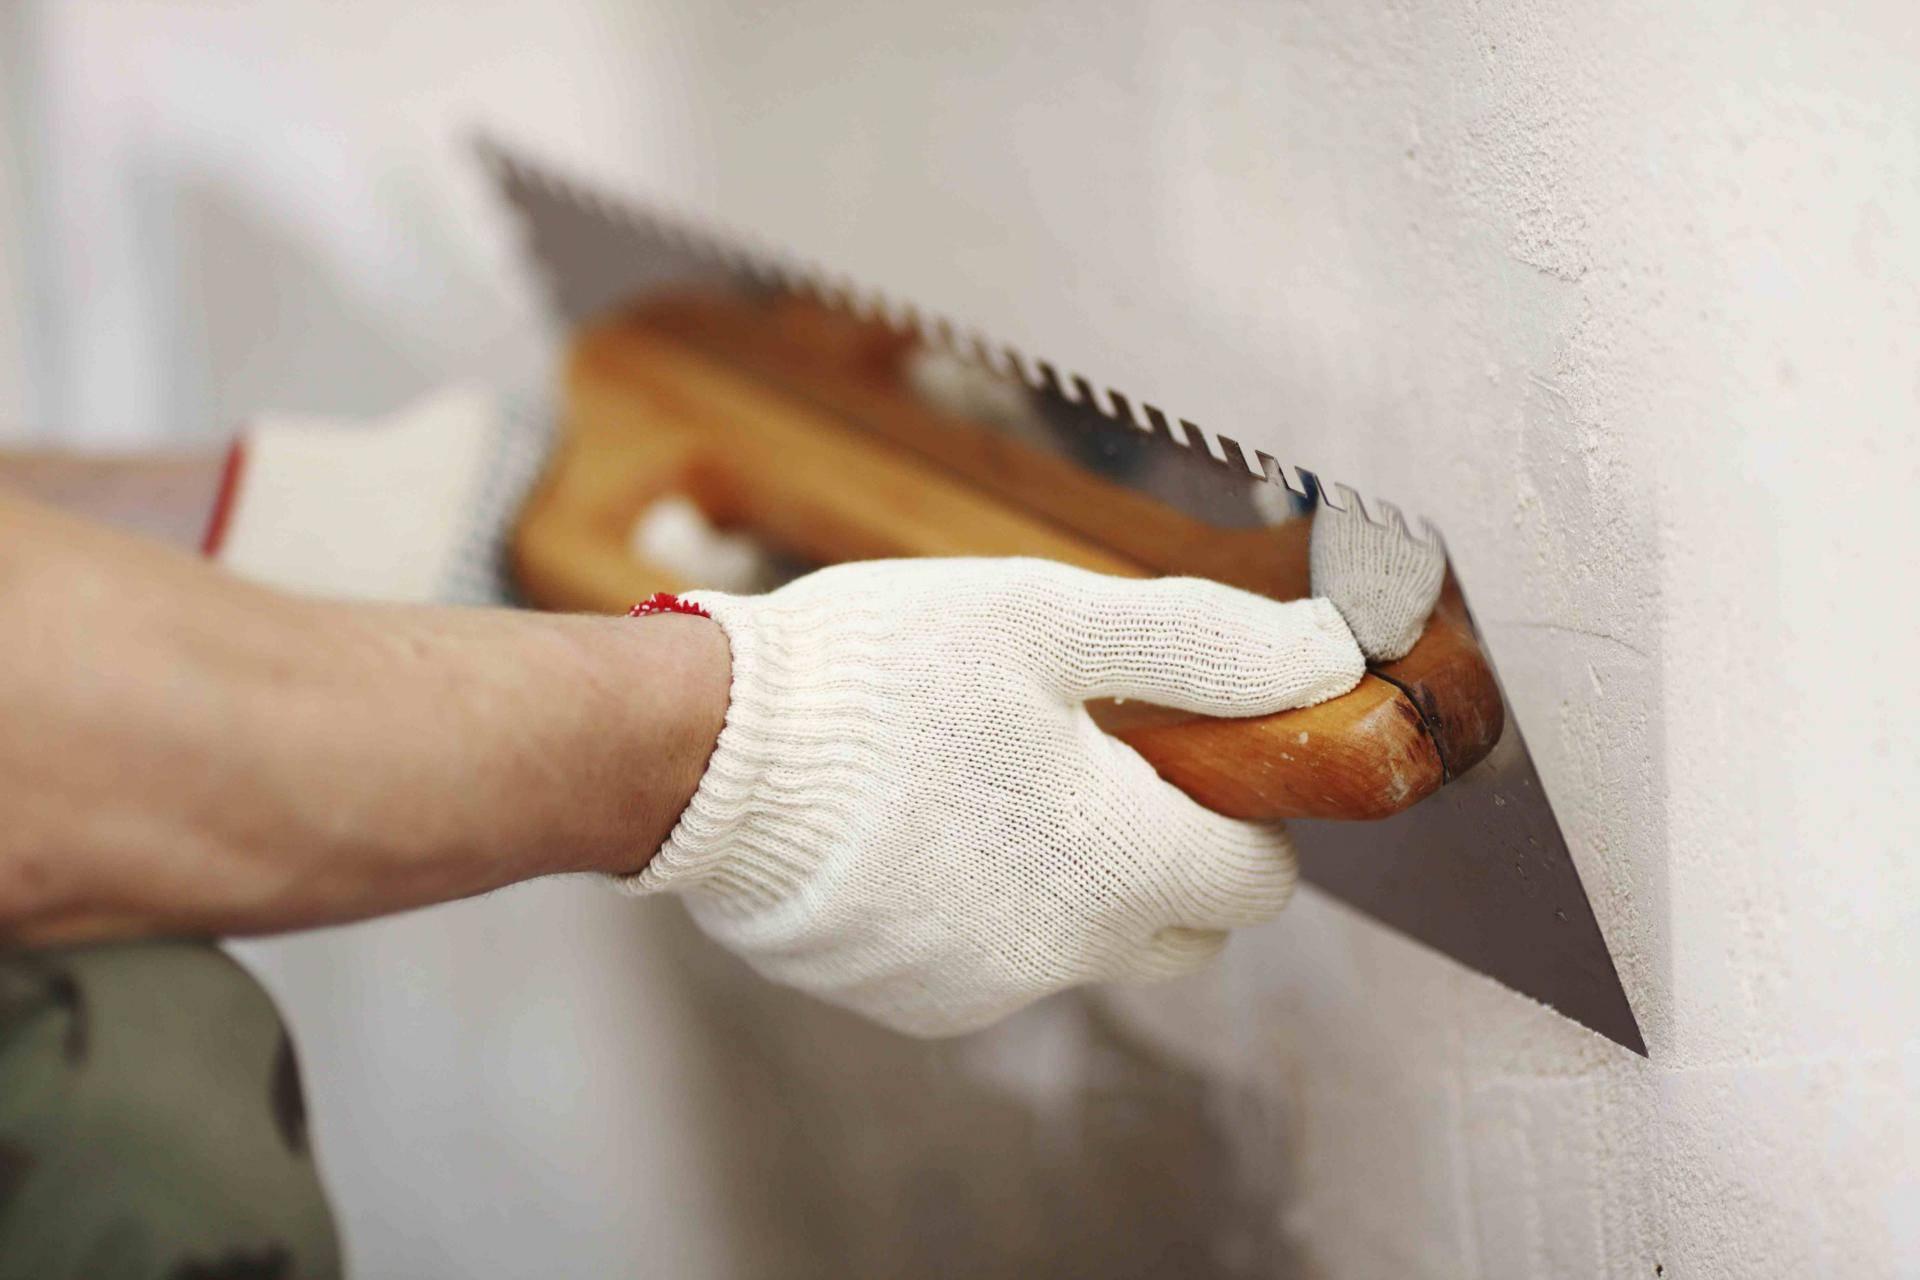 Выравнивание стен шпаклевкой своими руками: какая шпаклевка лучше